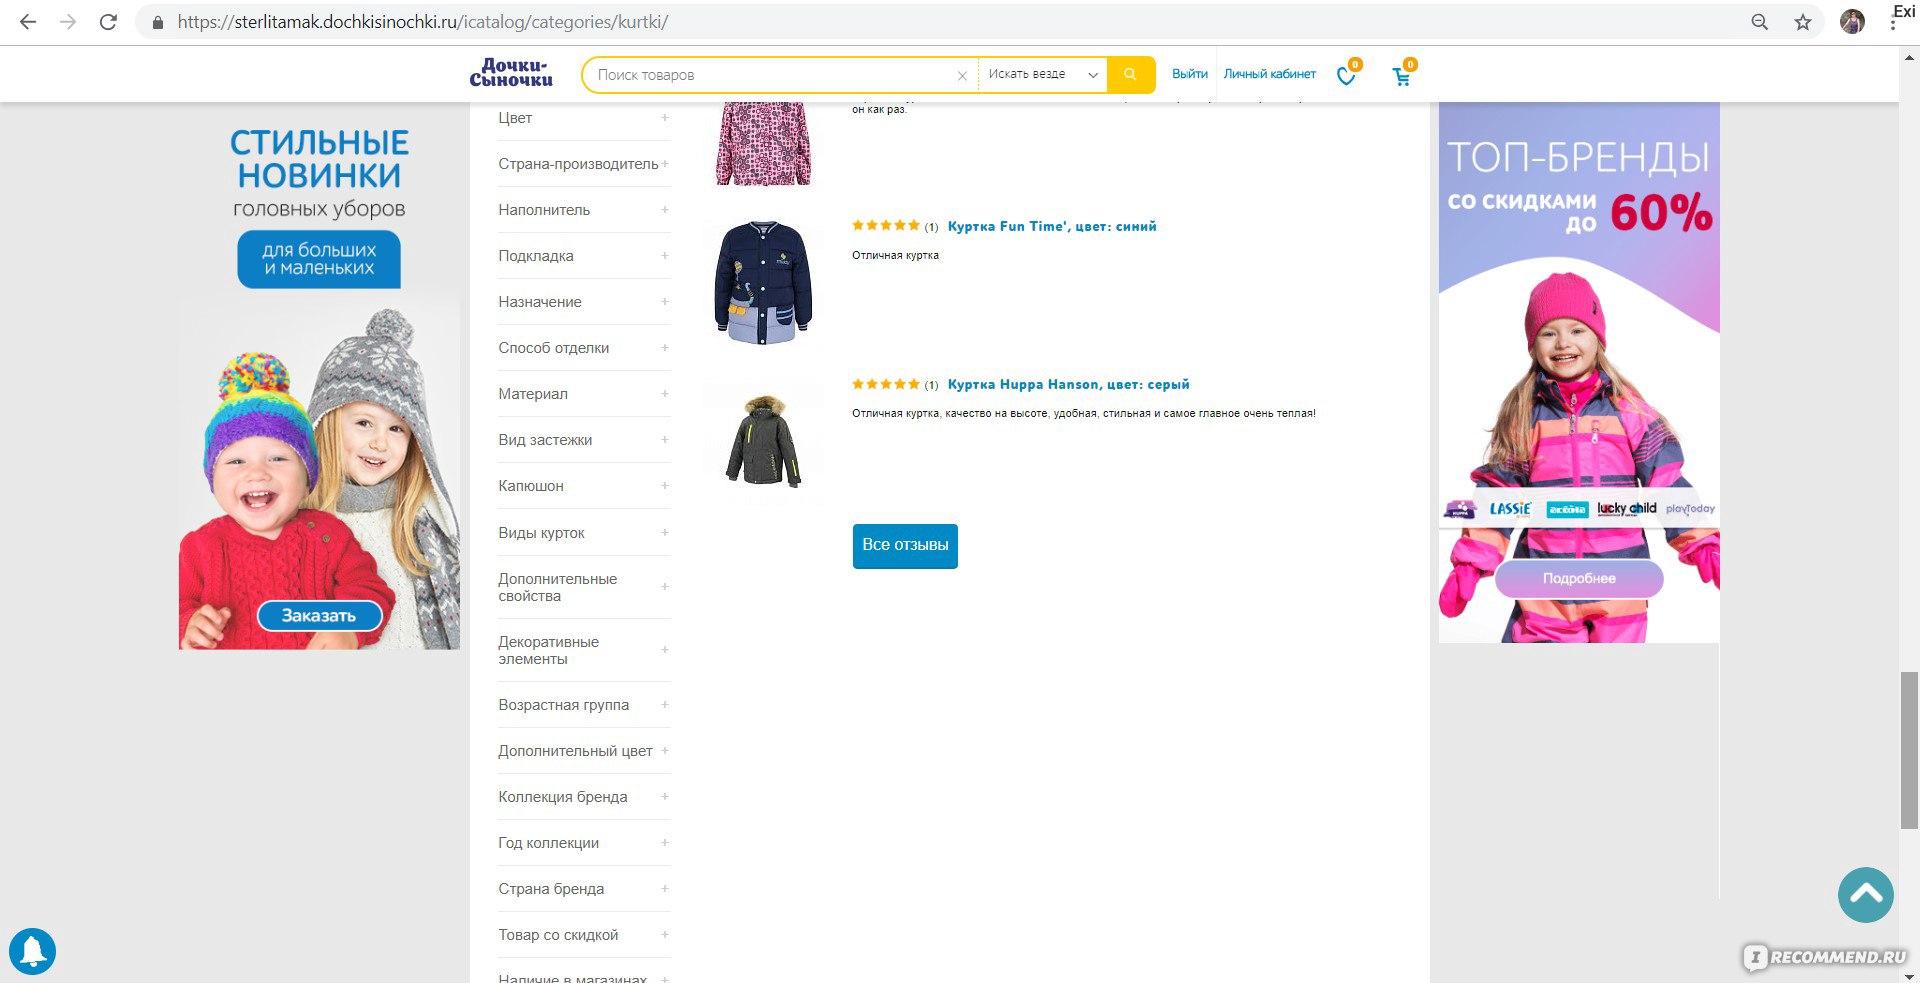 Отследить Заказ Дочки Сыночки Сделанный Интернет Магазин